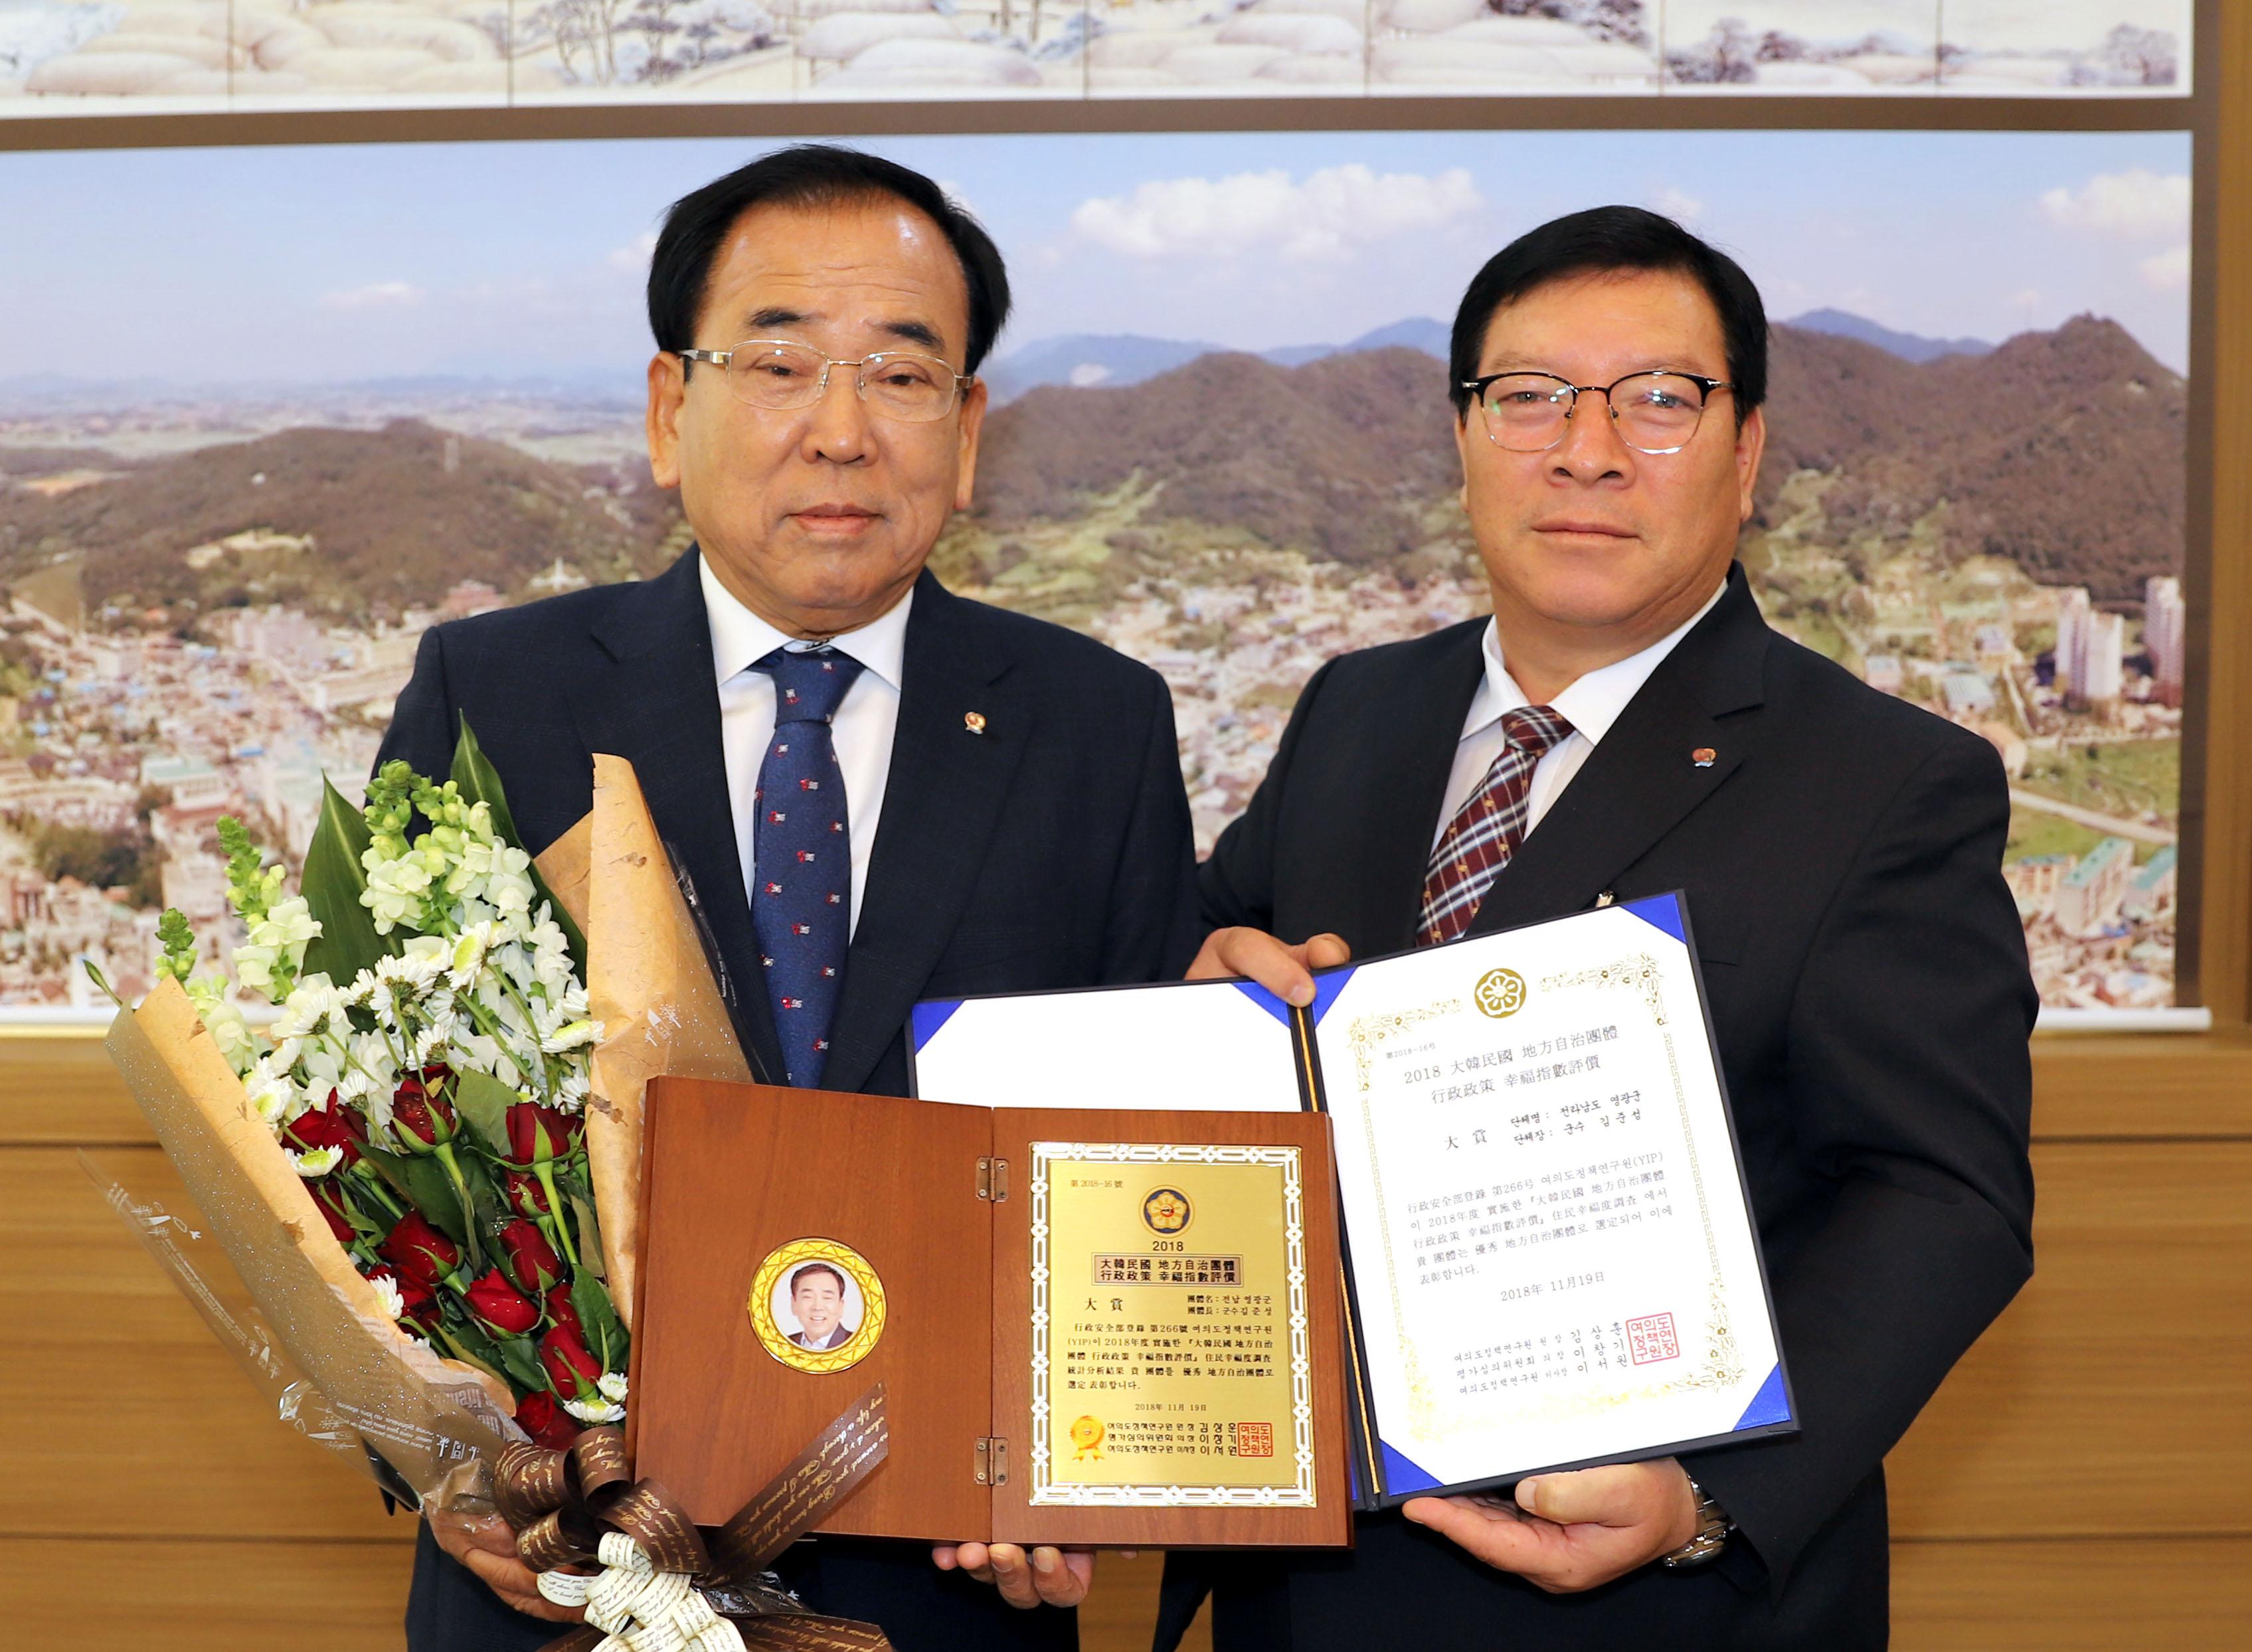 영광군, 2018 대한민국 행정정책 행복지수평가 대상 수상